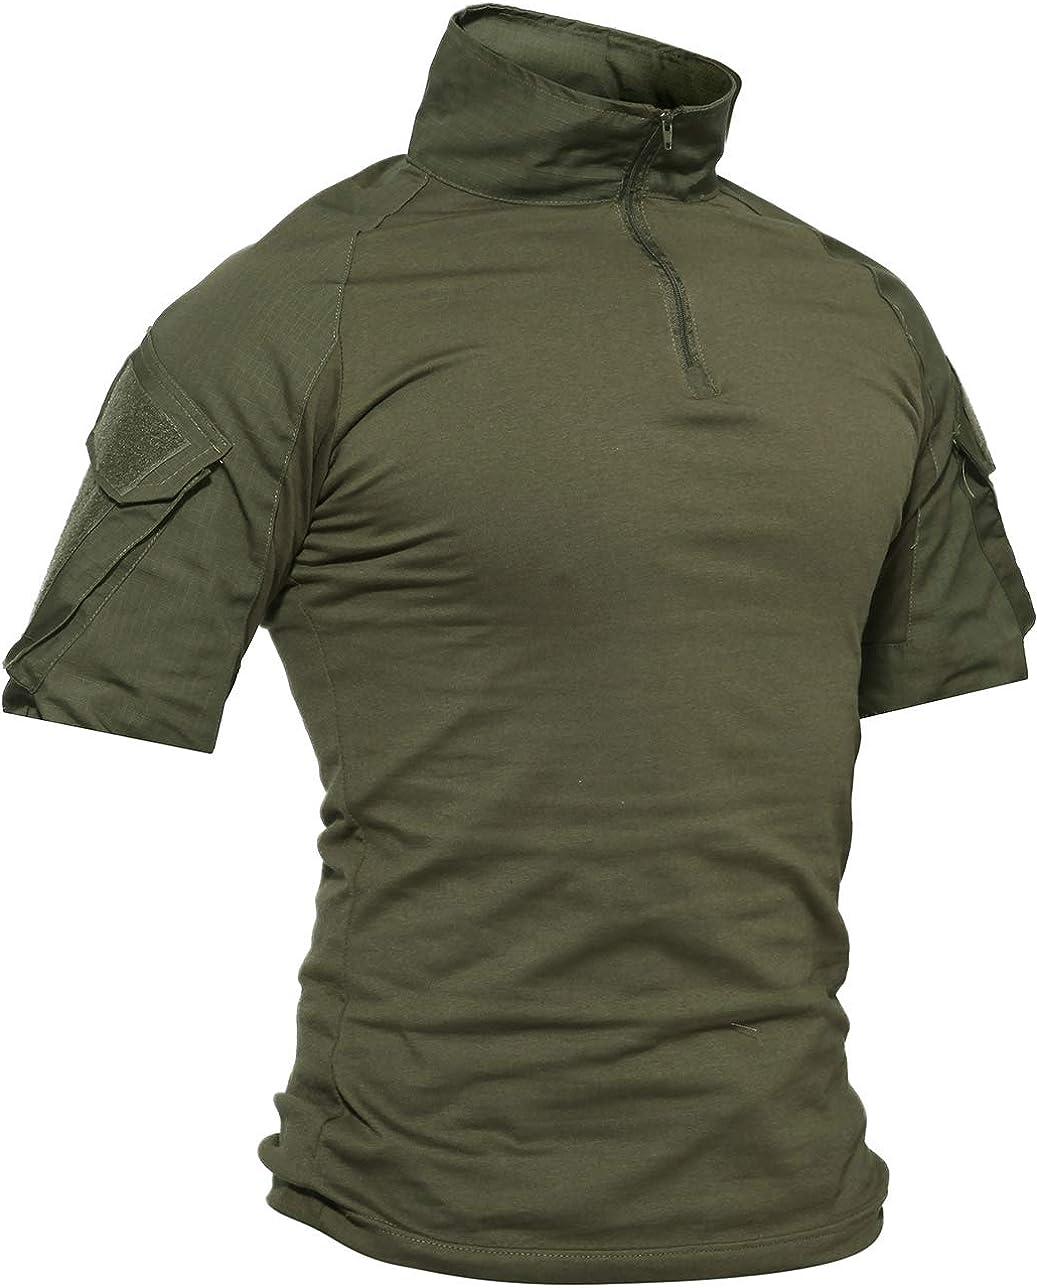 TACVASEN Camicia Militare da Uomo Cotone Airsoft Outdoor Shirt